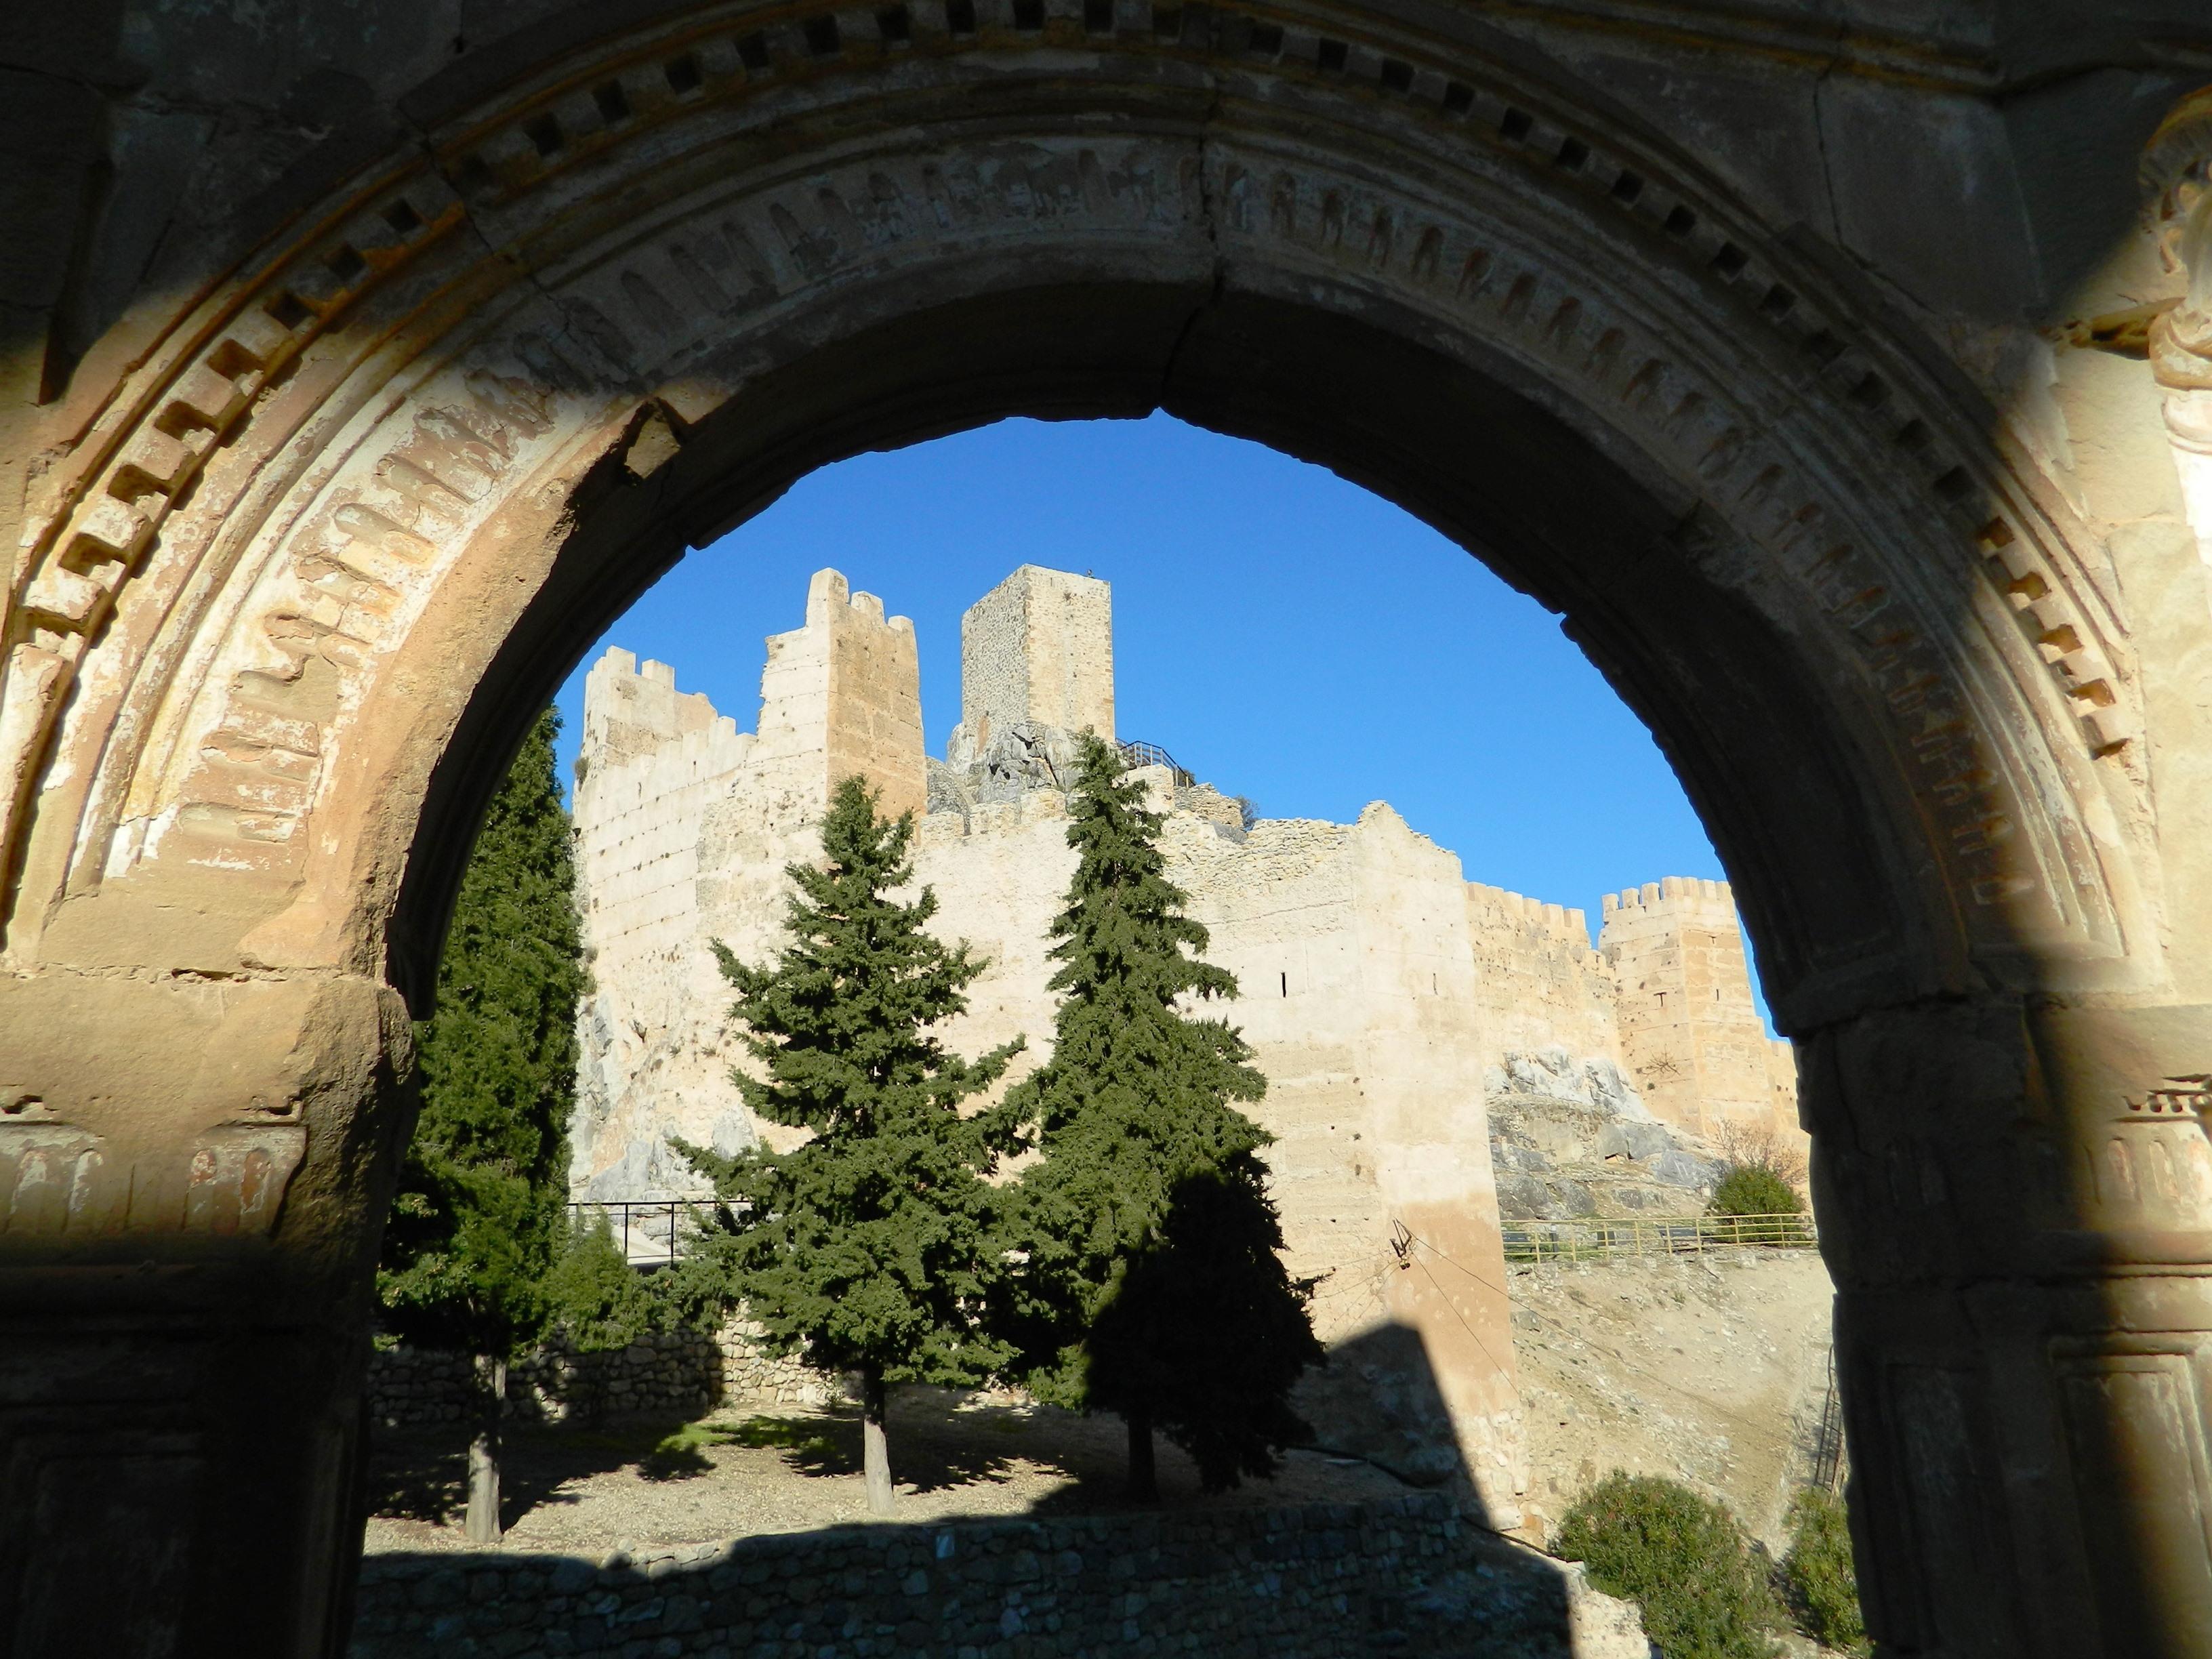 la-iruela_jaen_andalusia_viaggio_tour_cazorla_consigli_chiesa